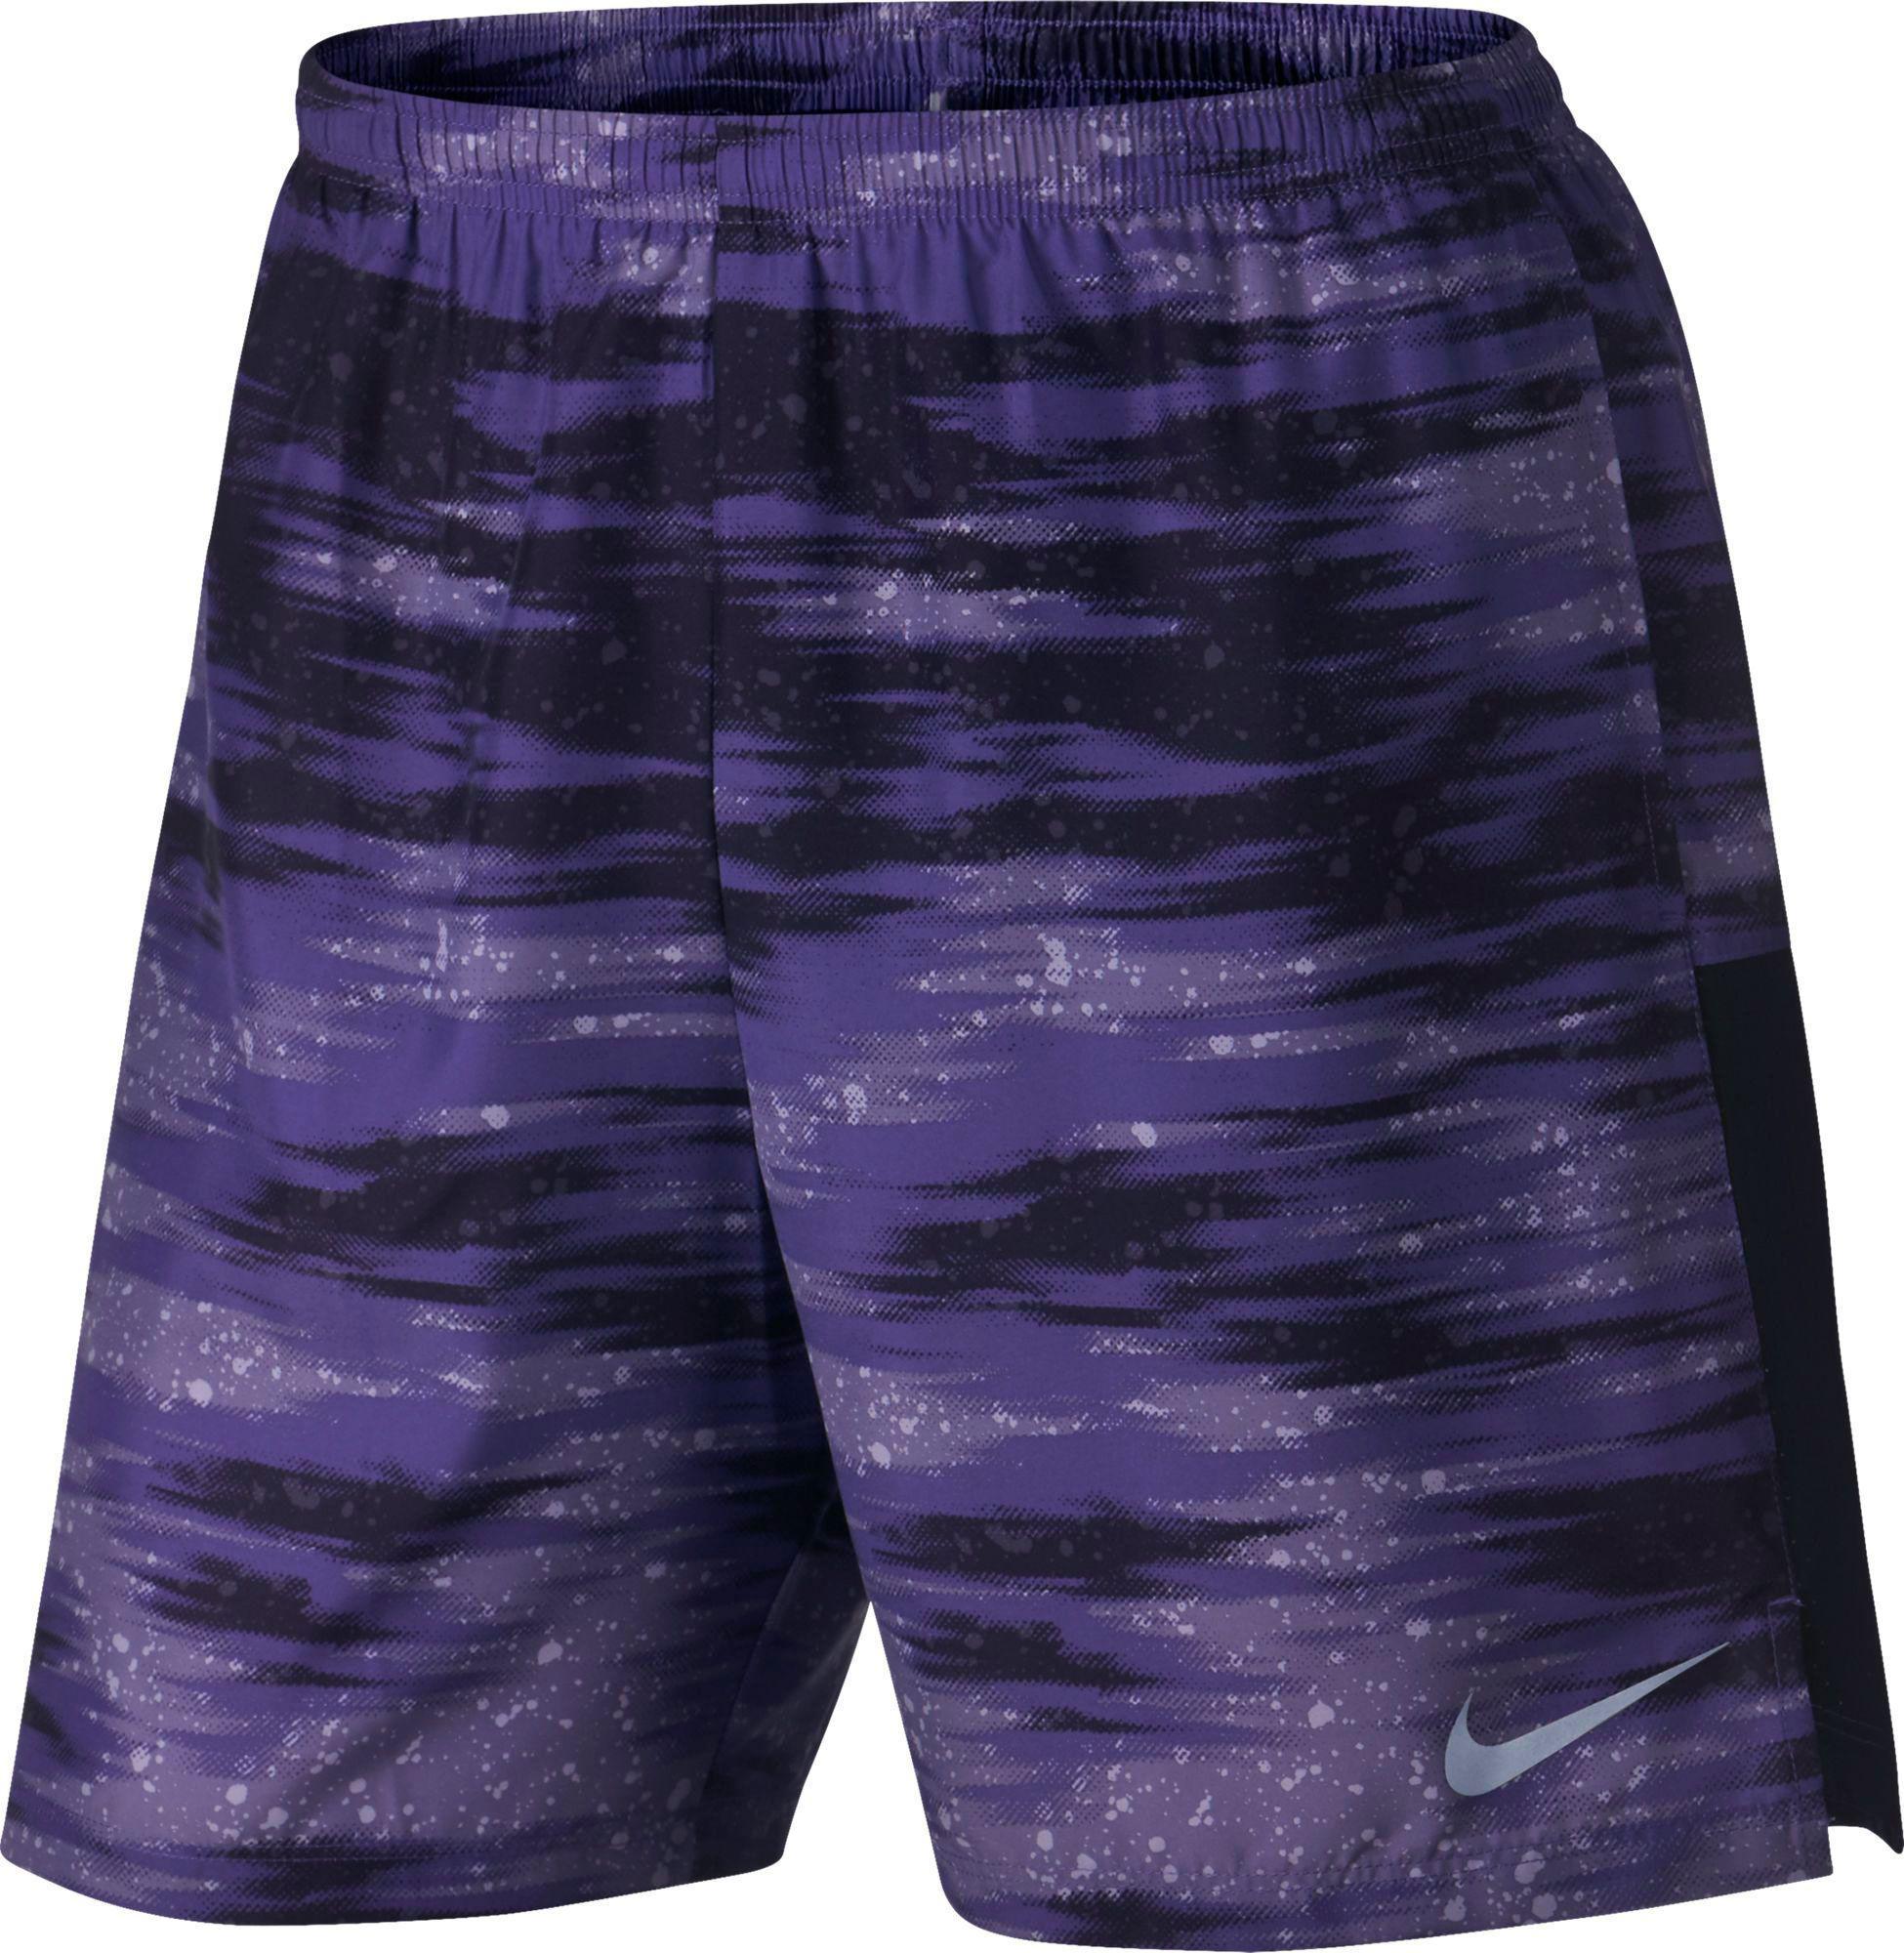 bajo costo descuento cómoda Nike Para Hombre 7 Secos Impresa Cortos Retador De Funcionamiento envío libre confiable gomZgDc1